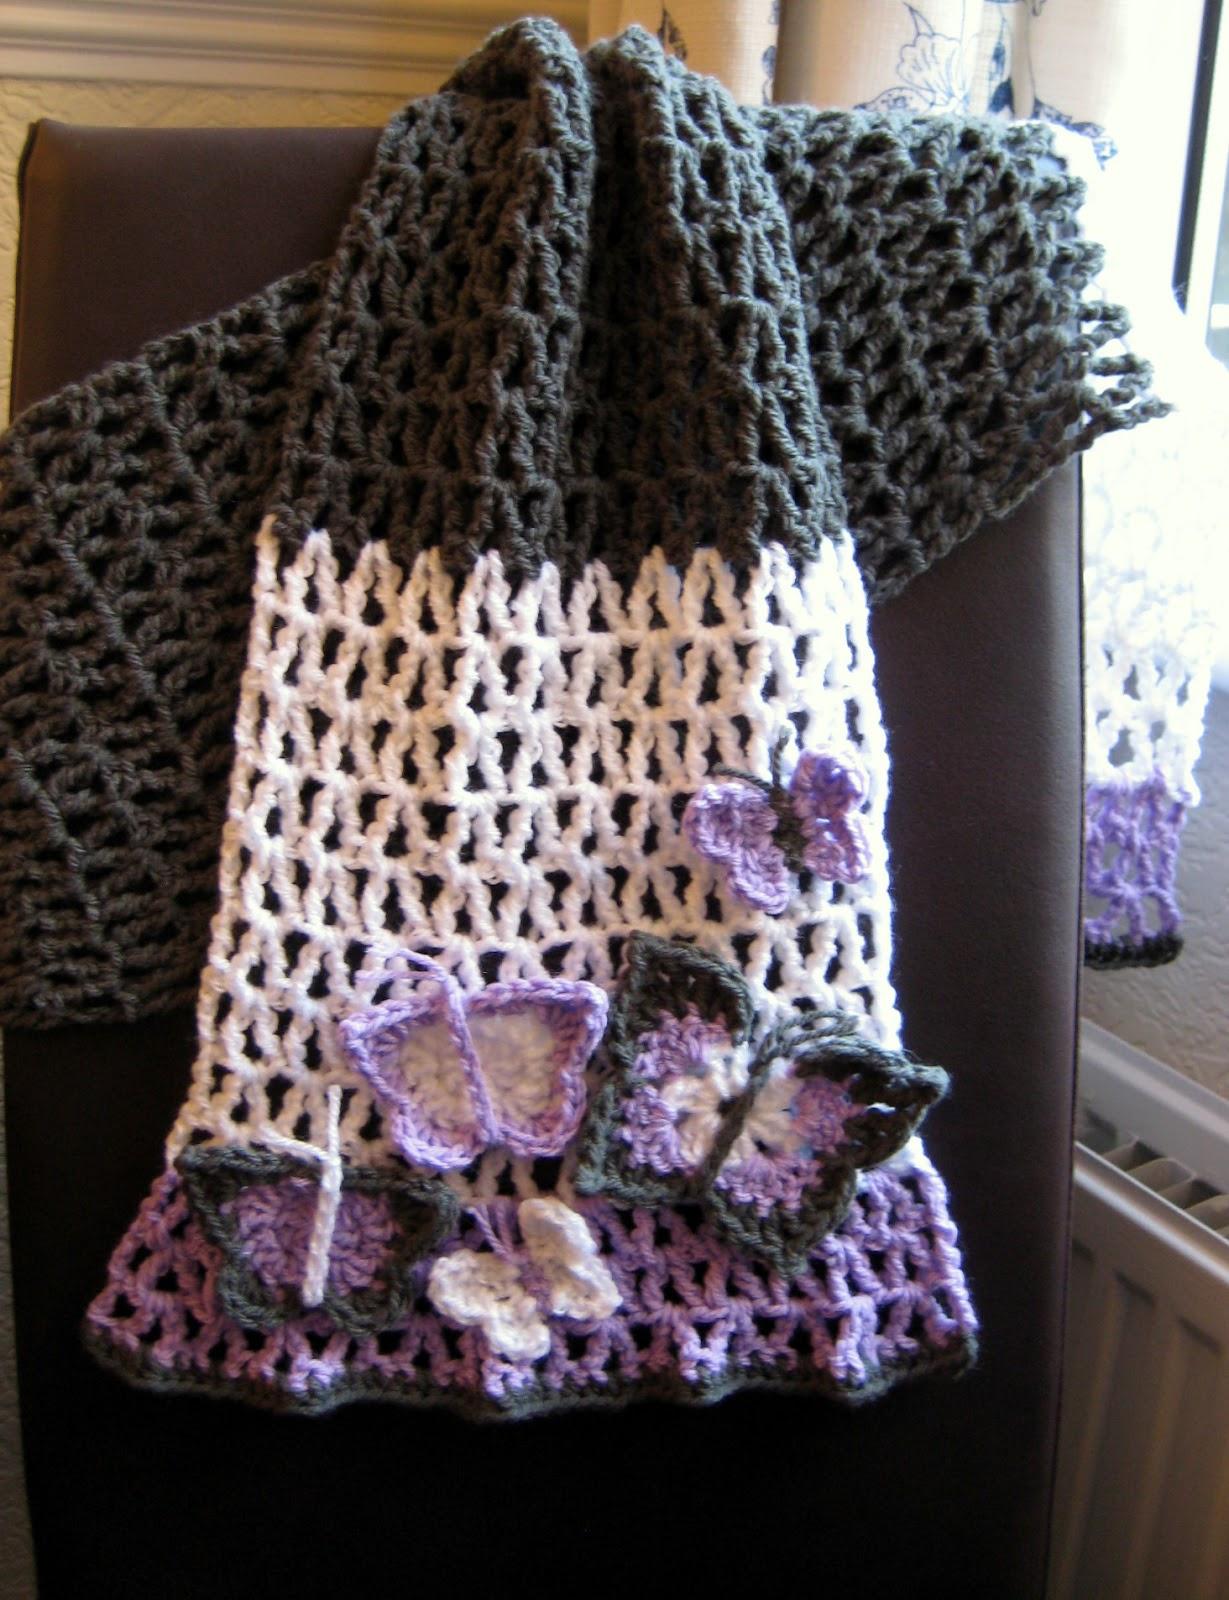 Crochet Butterfly Shawl Free Pattern : ergahandmade: Crochet Butterfly Scarf + Crochet ...